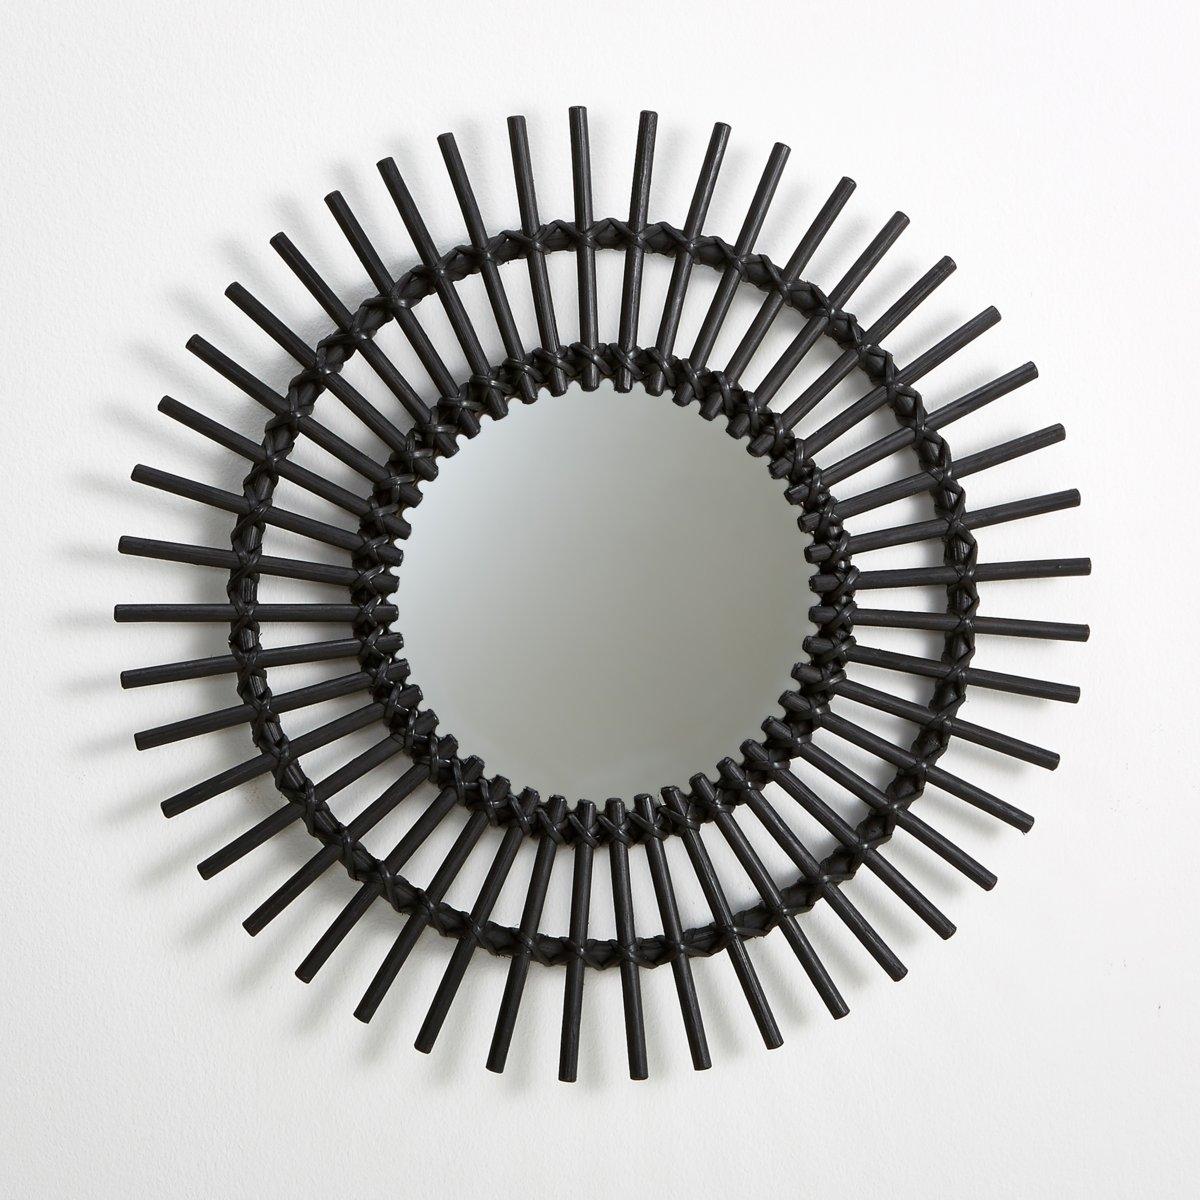 Винтажное La Redoute Зеркало Nogu из ротанга в форме солнца единый размер черный зеркало la redoute из ротанга в форме ромашки см nogu единый размер бежевый